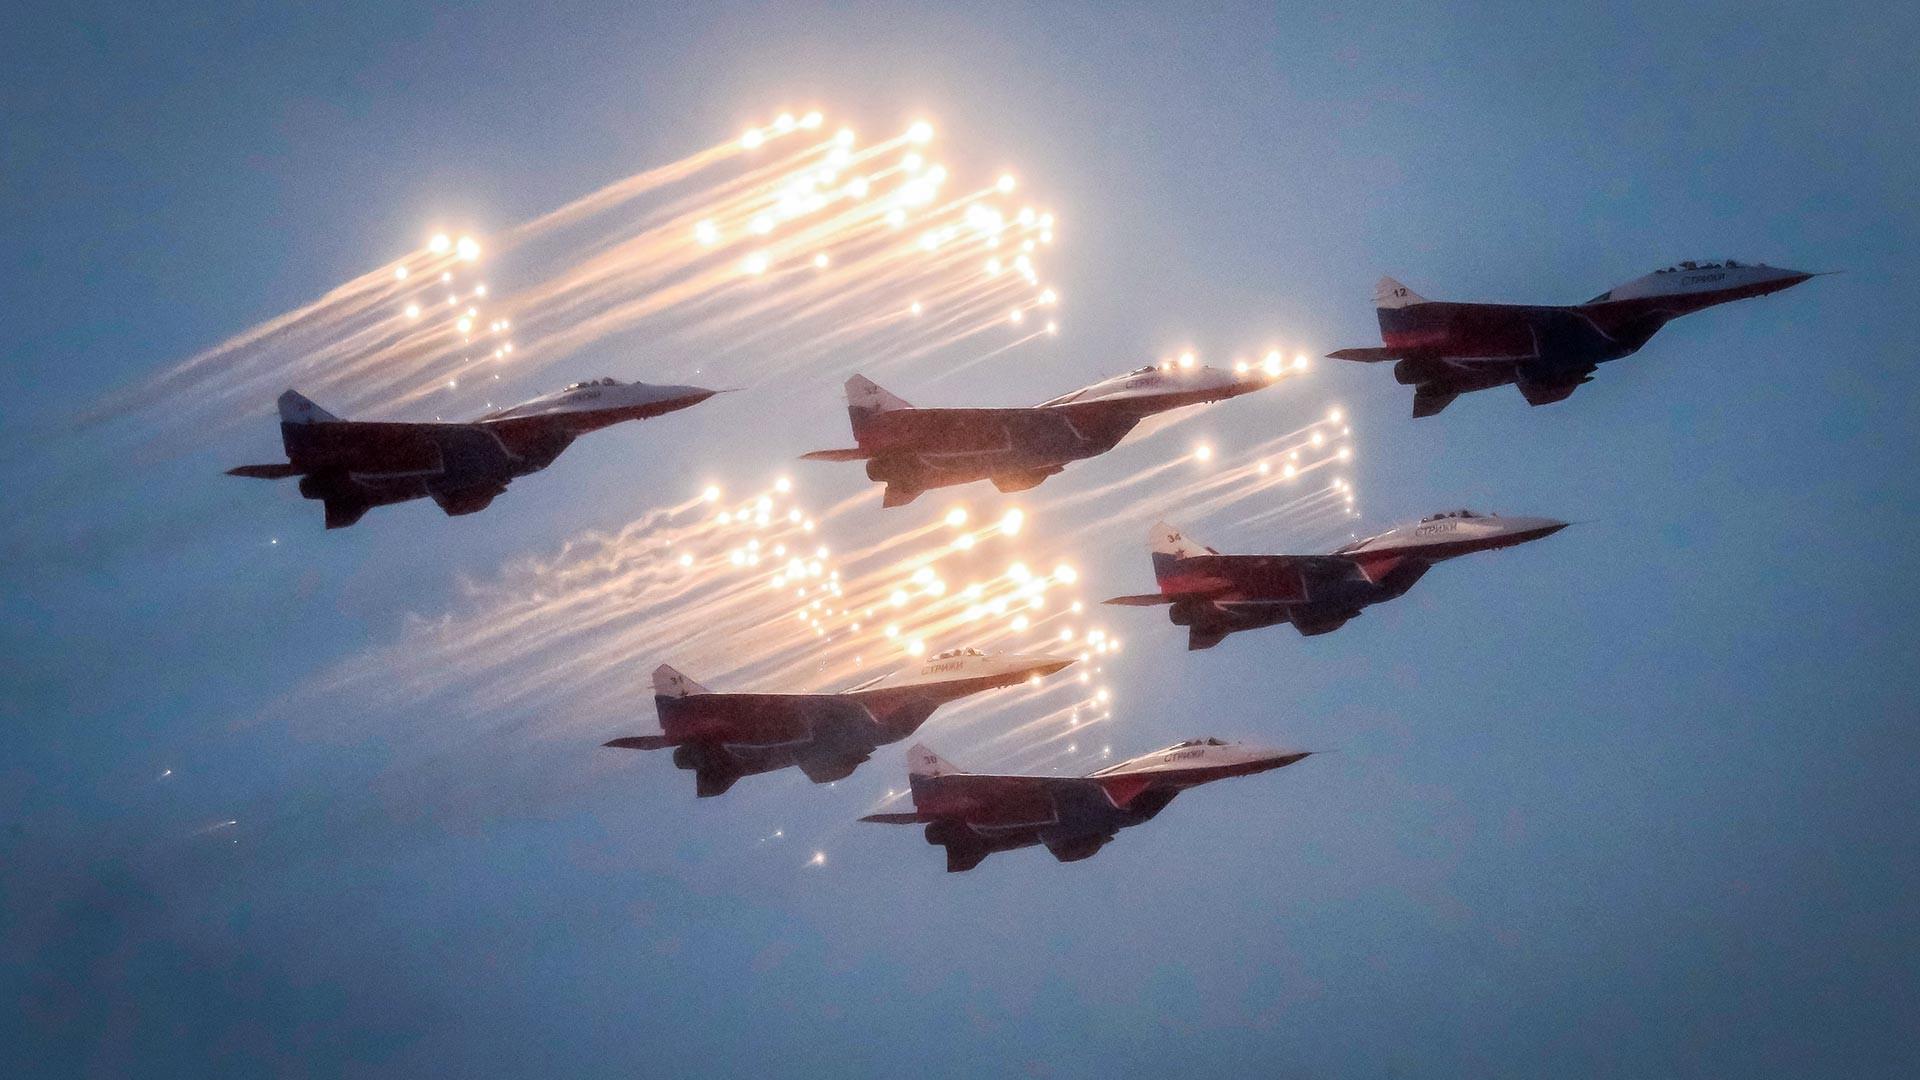 """Руска пилотска група """"Стрижи"""" на авионима МиГ-29 за време параде поводом 75-годишњице сламања опсаде Лењинграда у Другом светском рату, Санкт Петербург."""